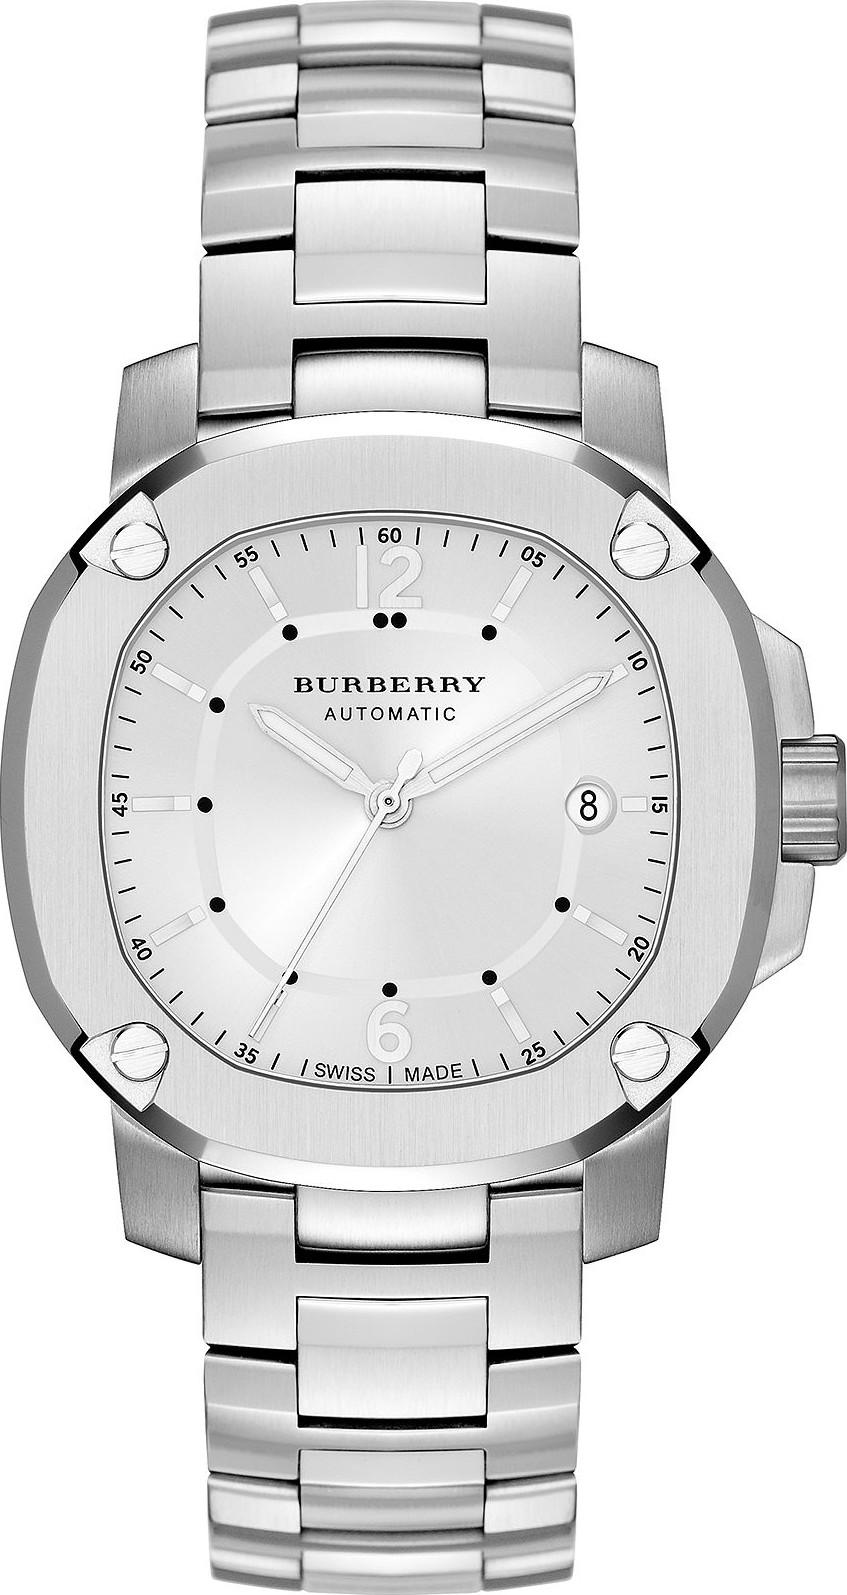 đồng hồ burberry nam giảm giá